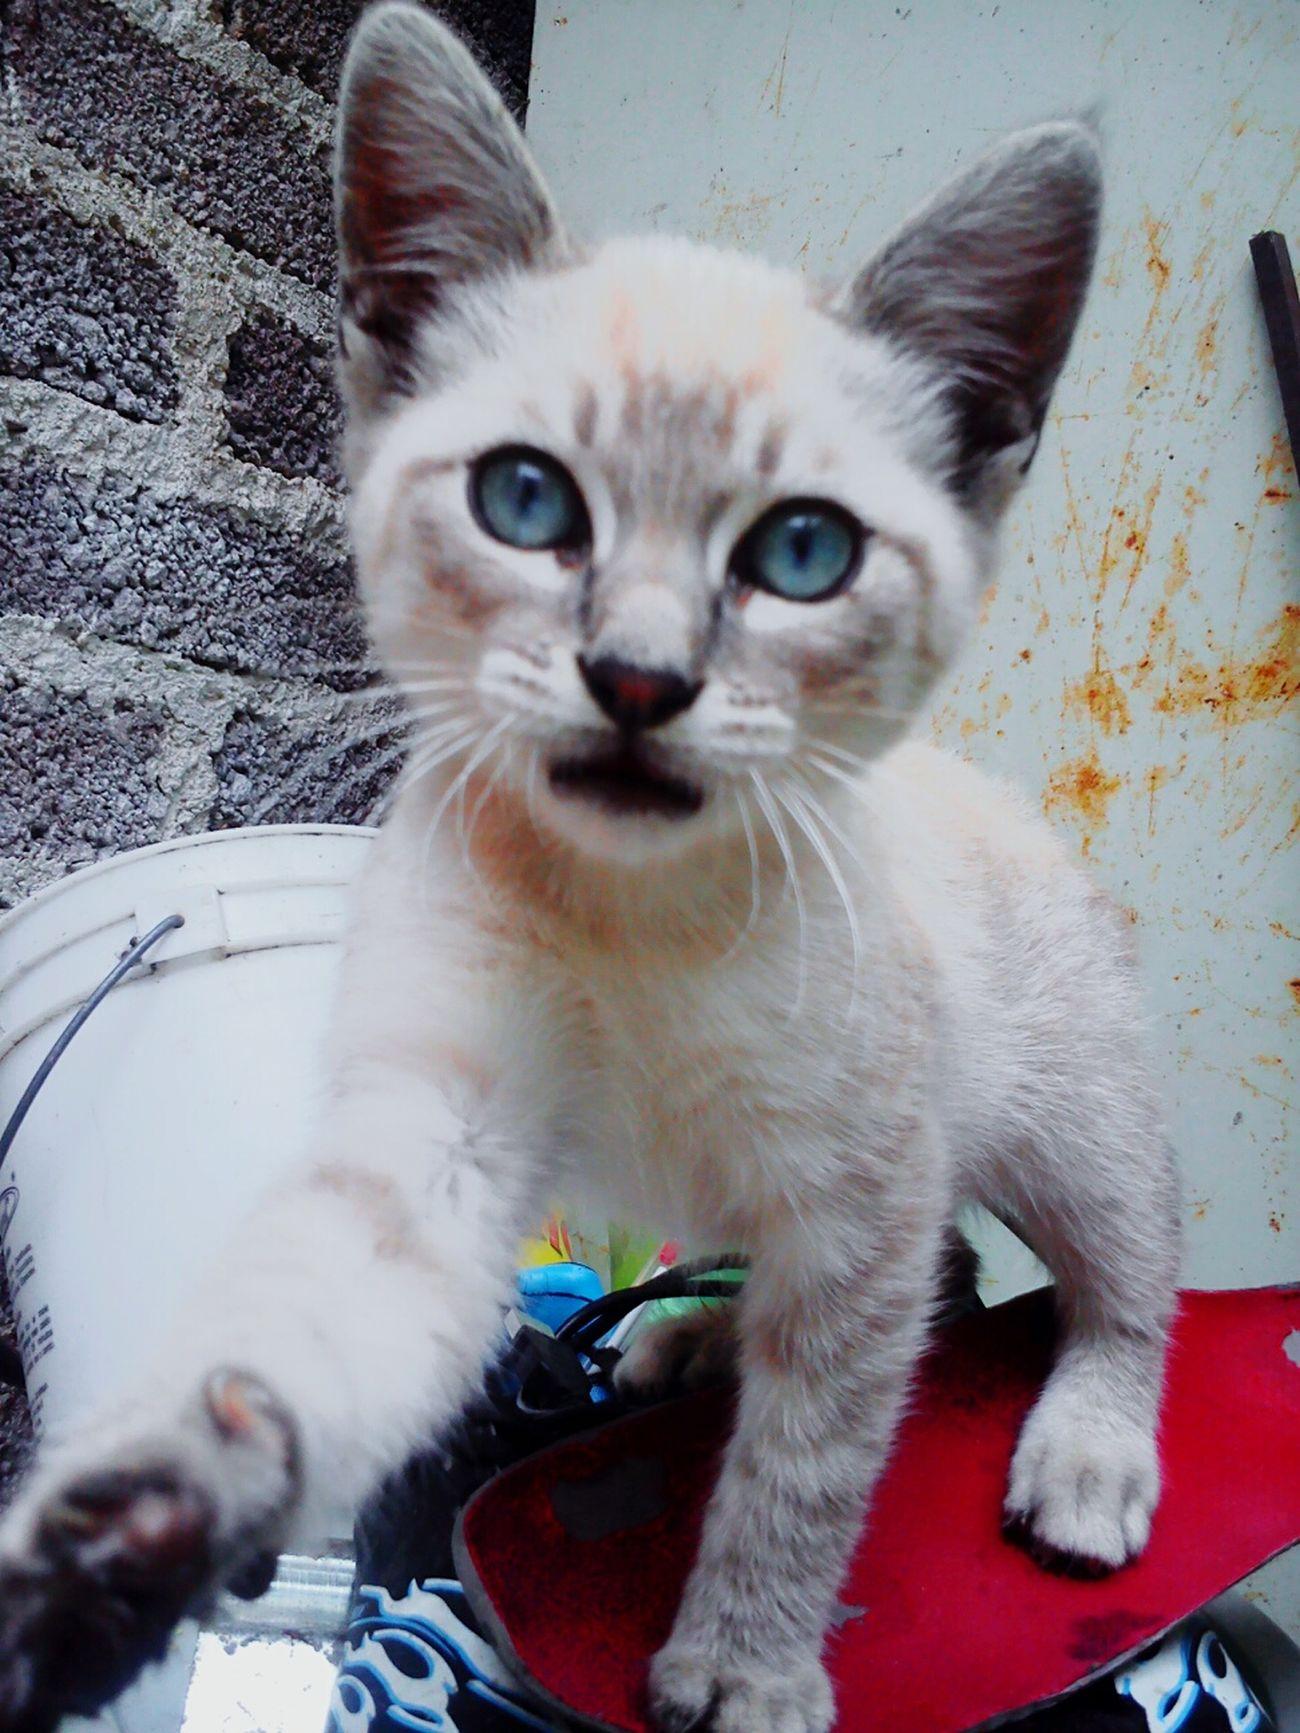 Cat Beautiful ♥ Amazing Eyeblue